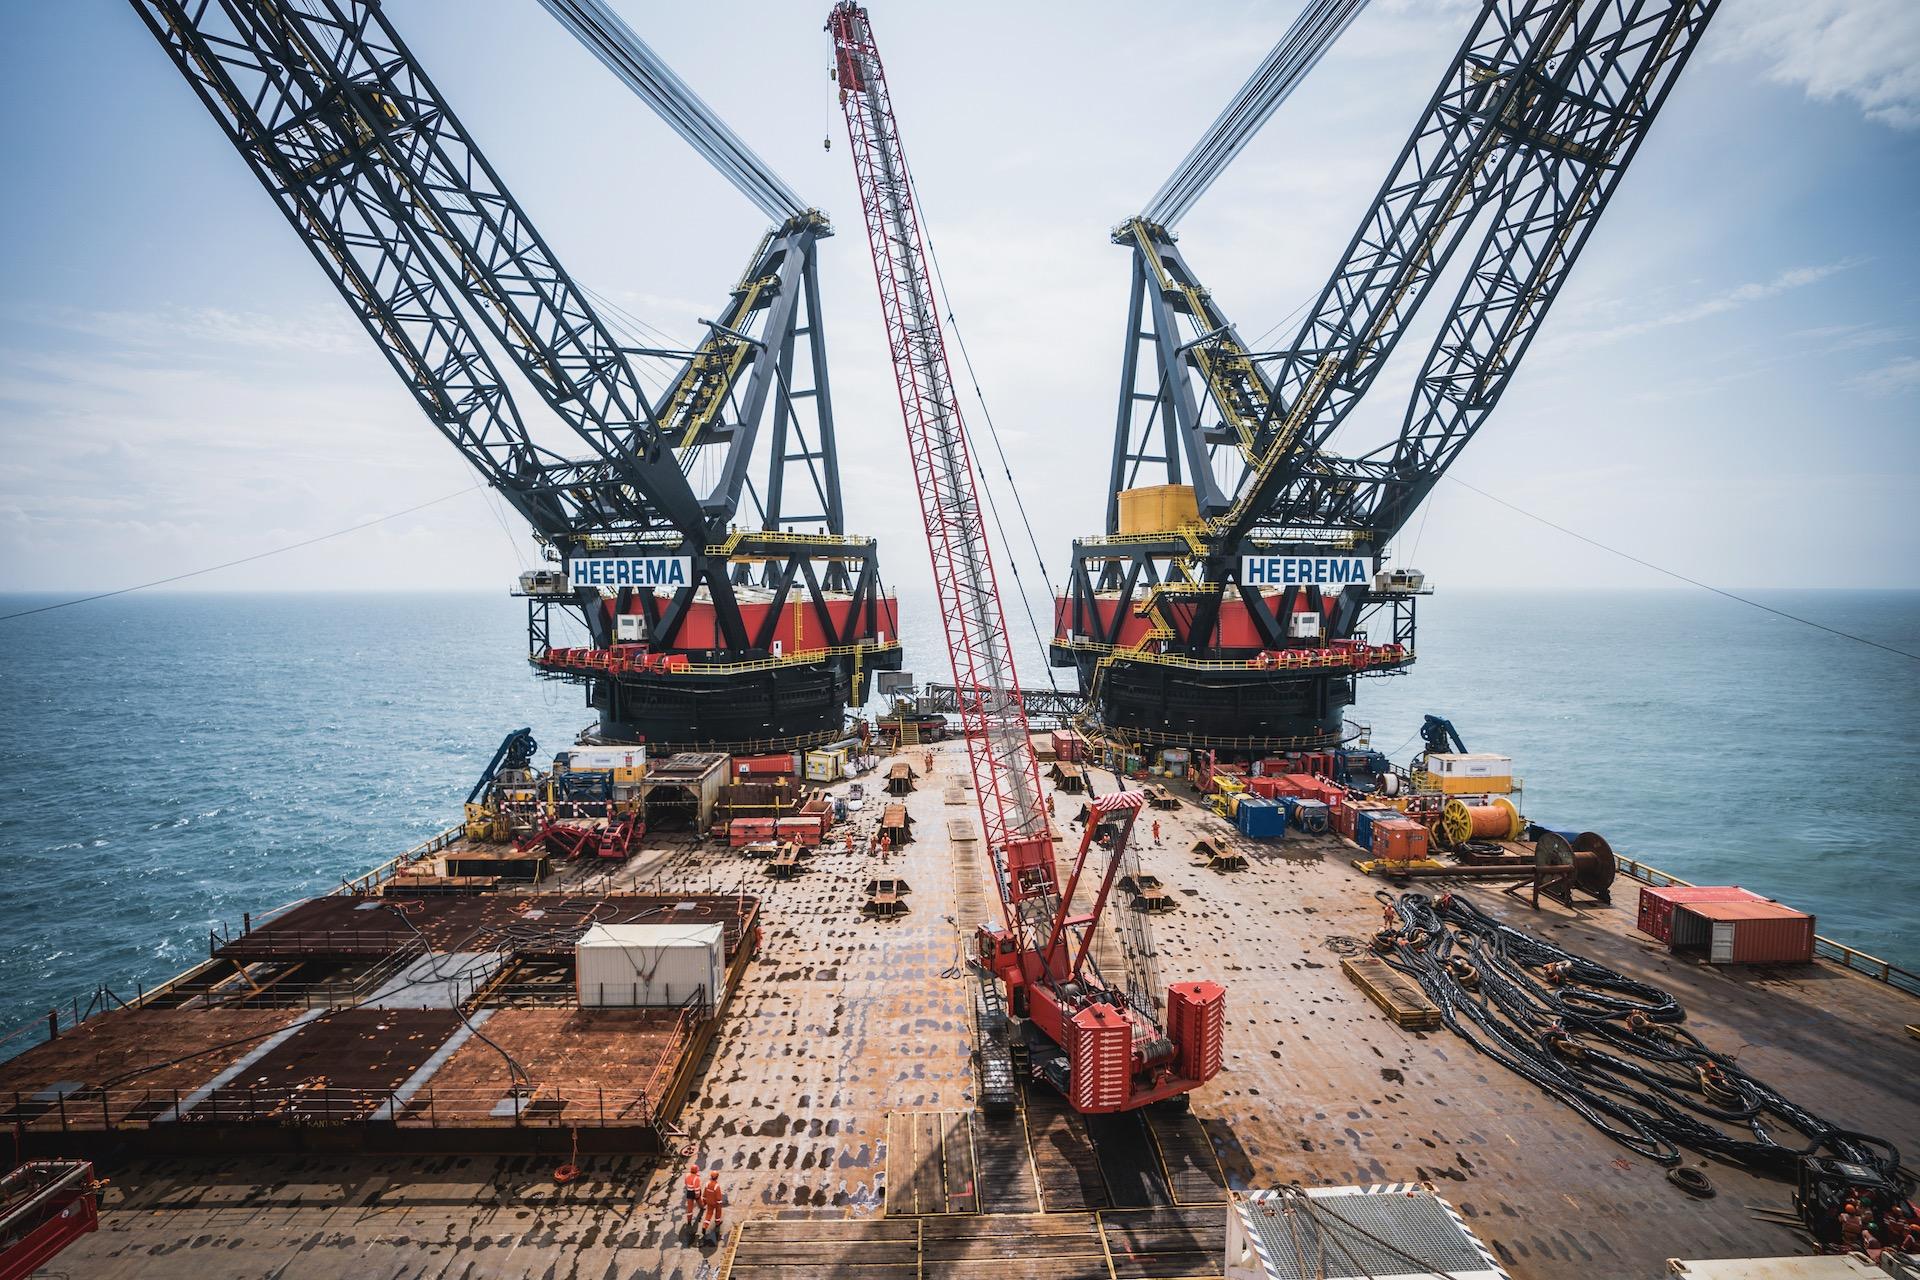 Nederland, Noordzee, 02-08-2019.  Reportage over Kraanschip Thialf. overzicht van het dek.   Foto: Siese Veenstra